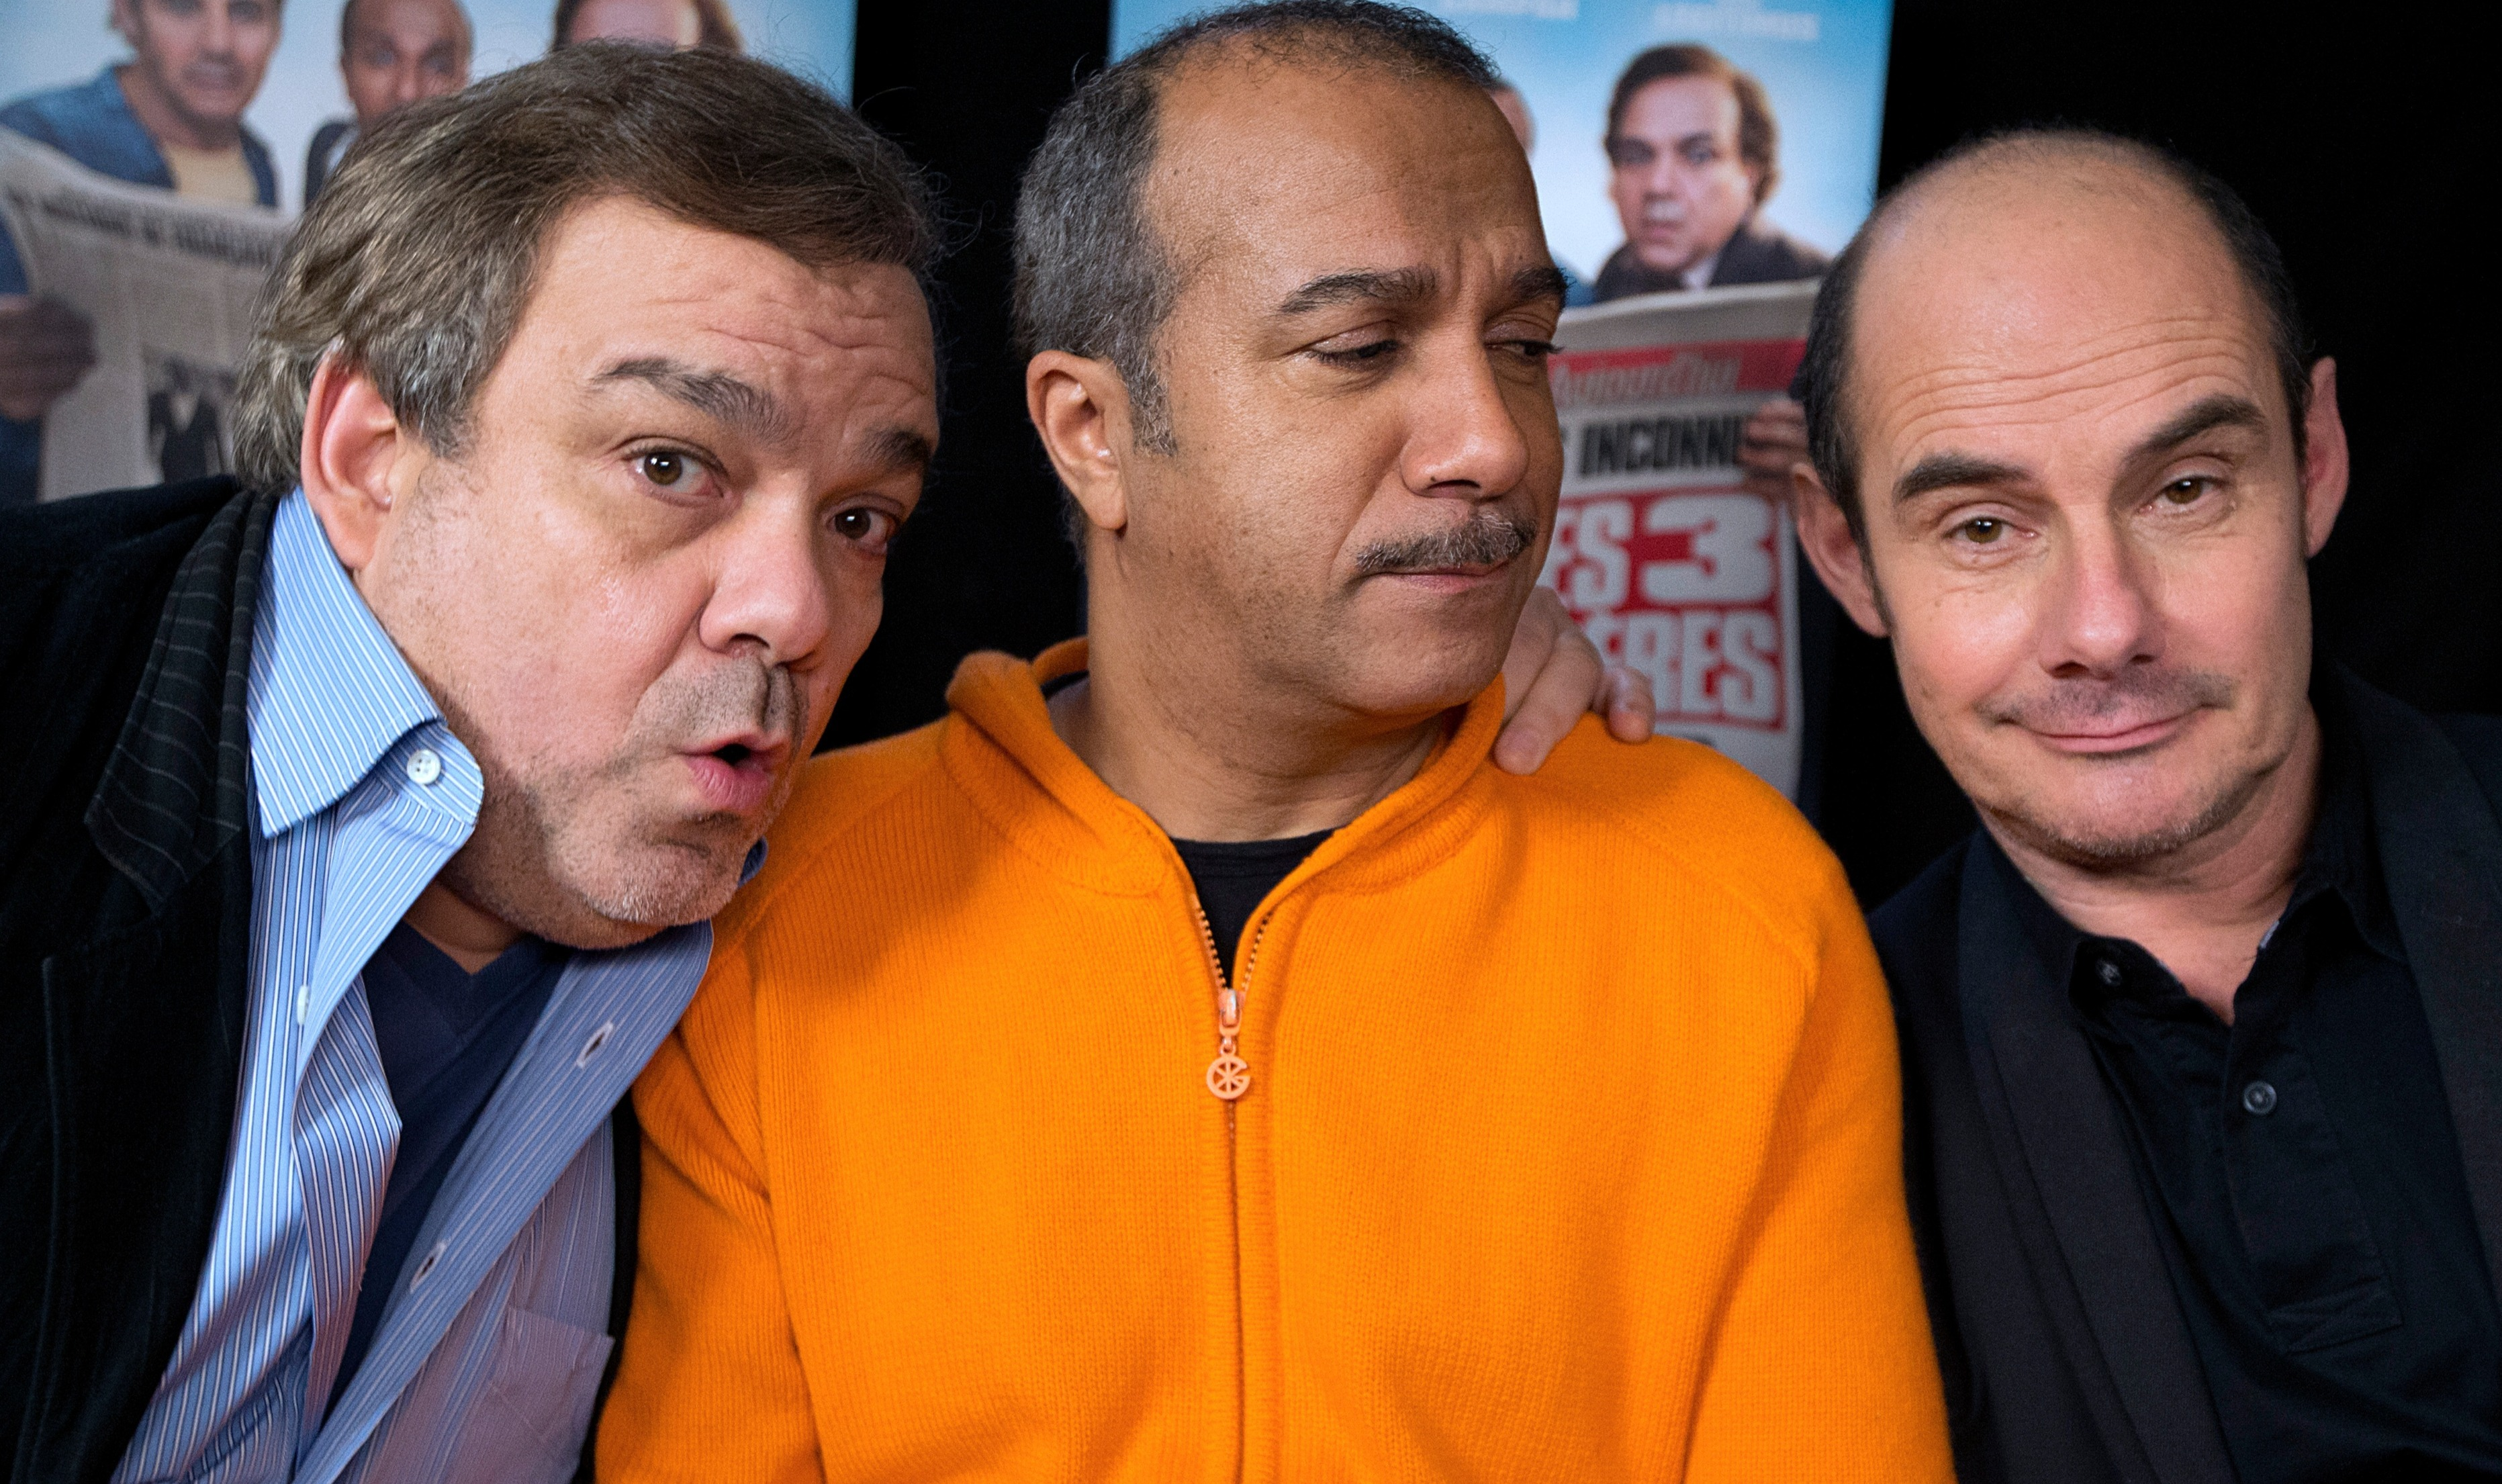 Didier Bourdon, Pascal Legitimus et Bernard Campan en 2014 pour la promotion de